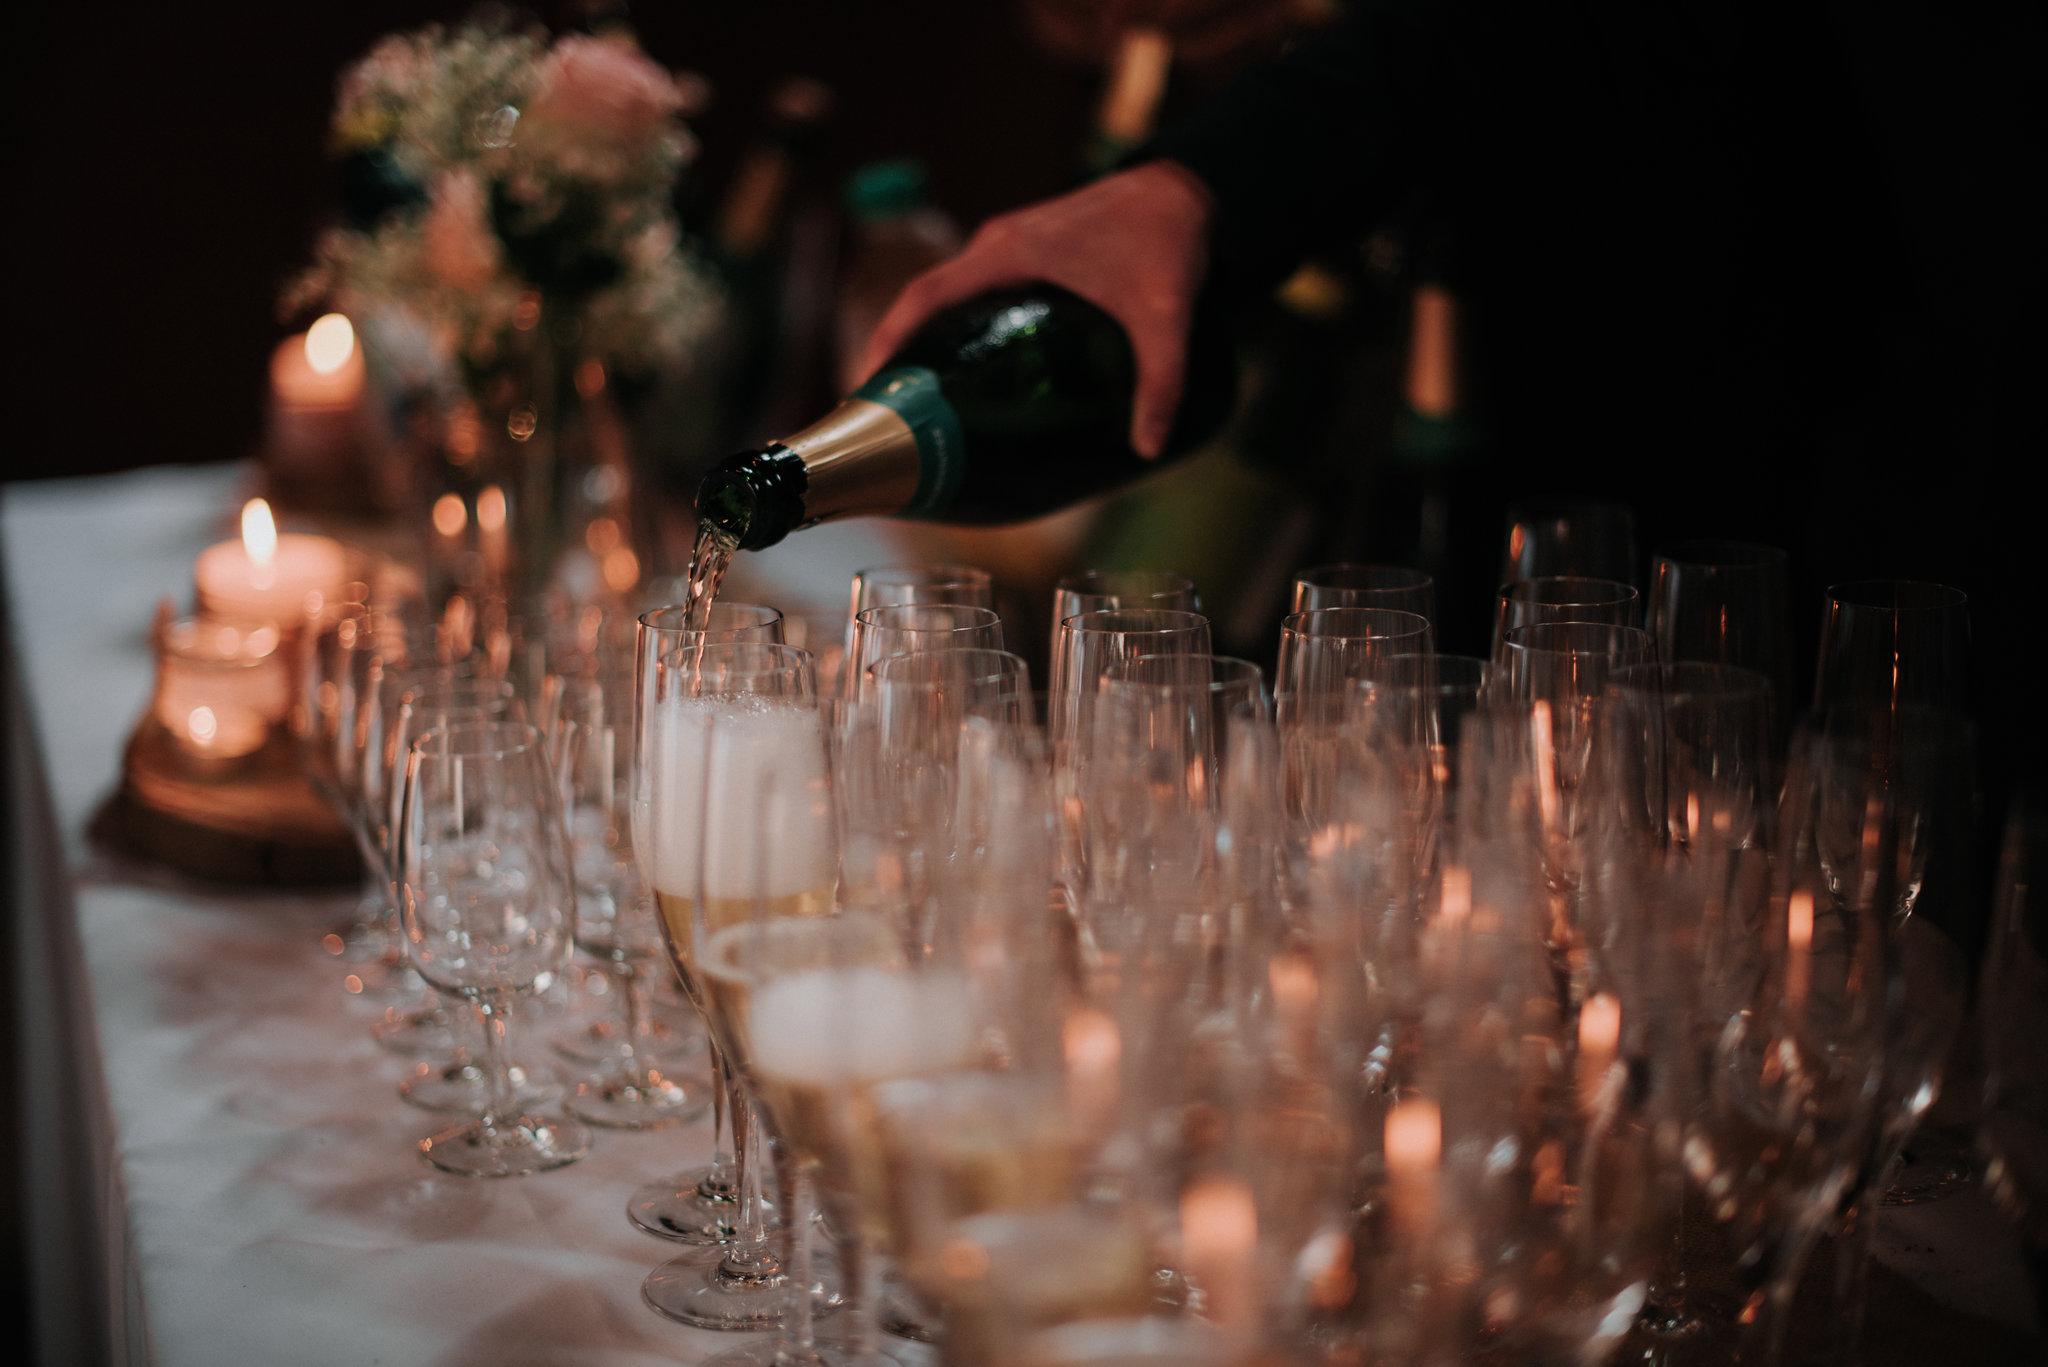 Léa-Fery-photographe-professionnel-lyon-rhone-alpes-portrait-creation-mariage-evenement-evenementiel-famille-2797.jpg